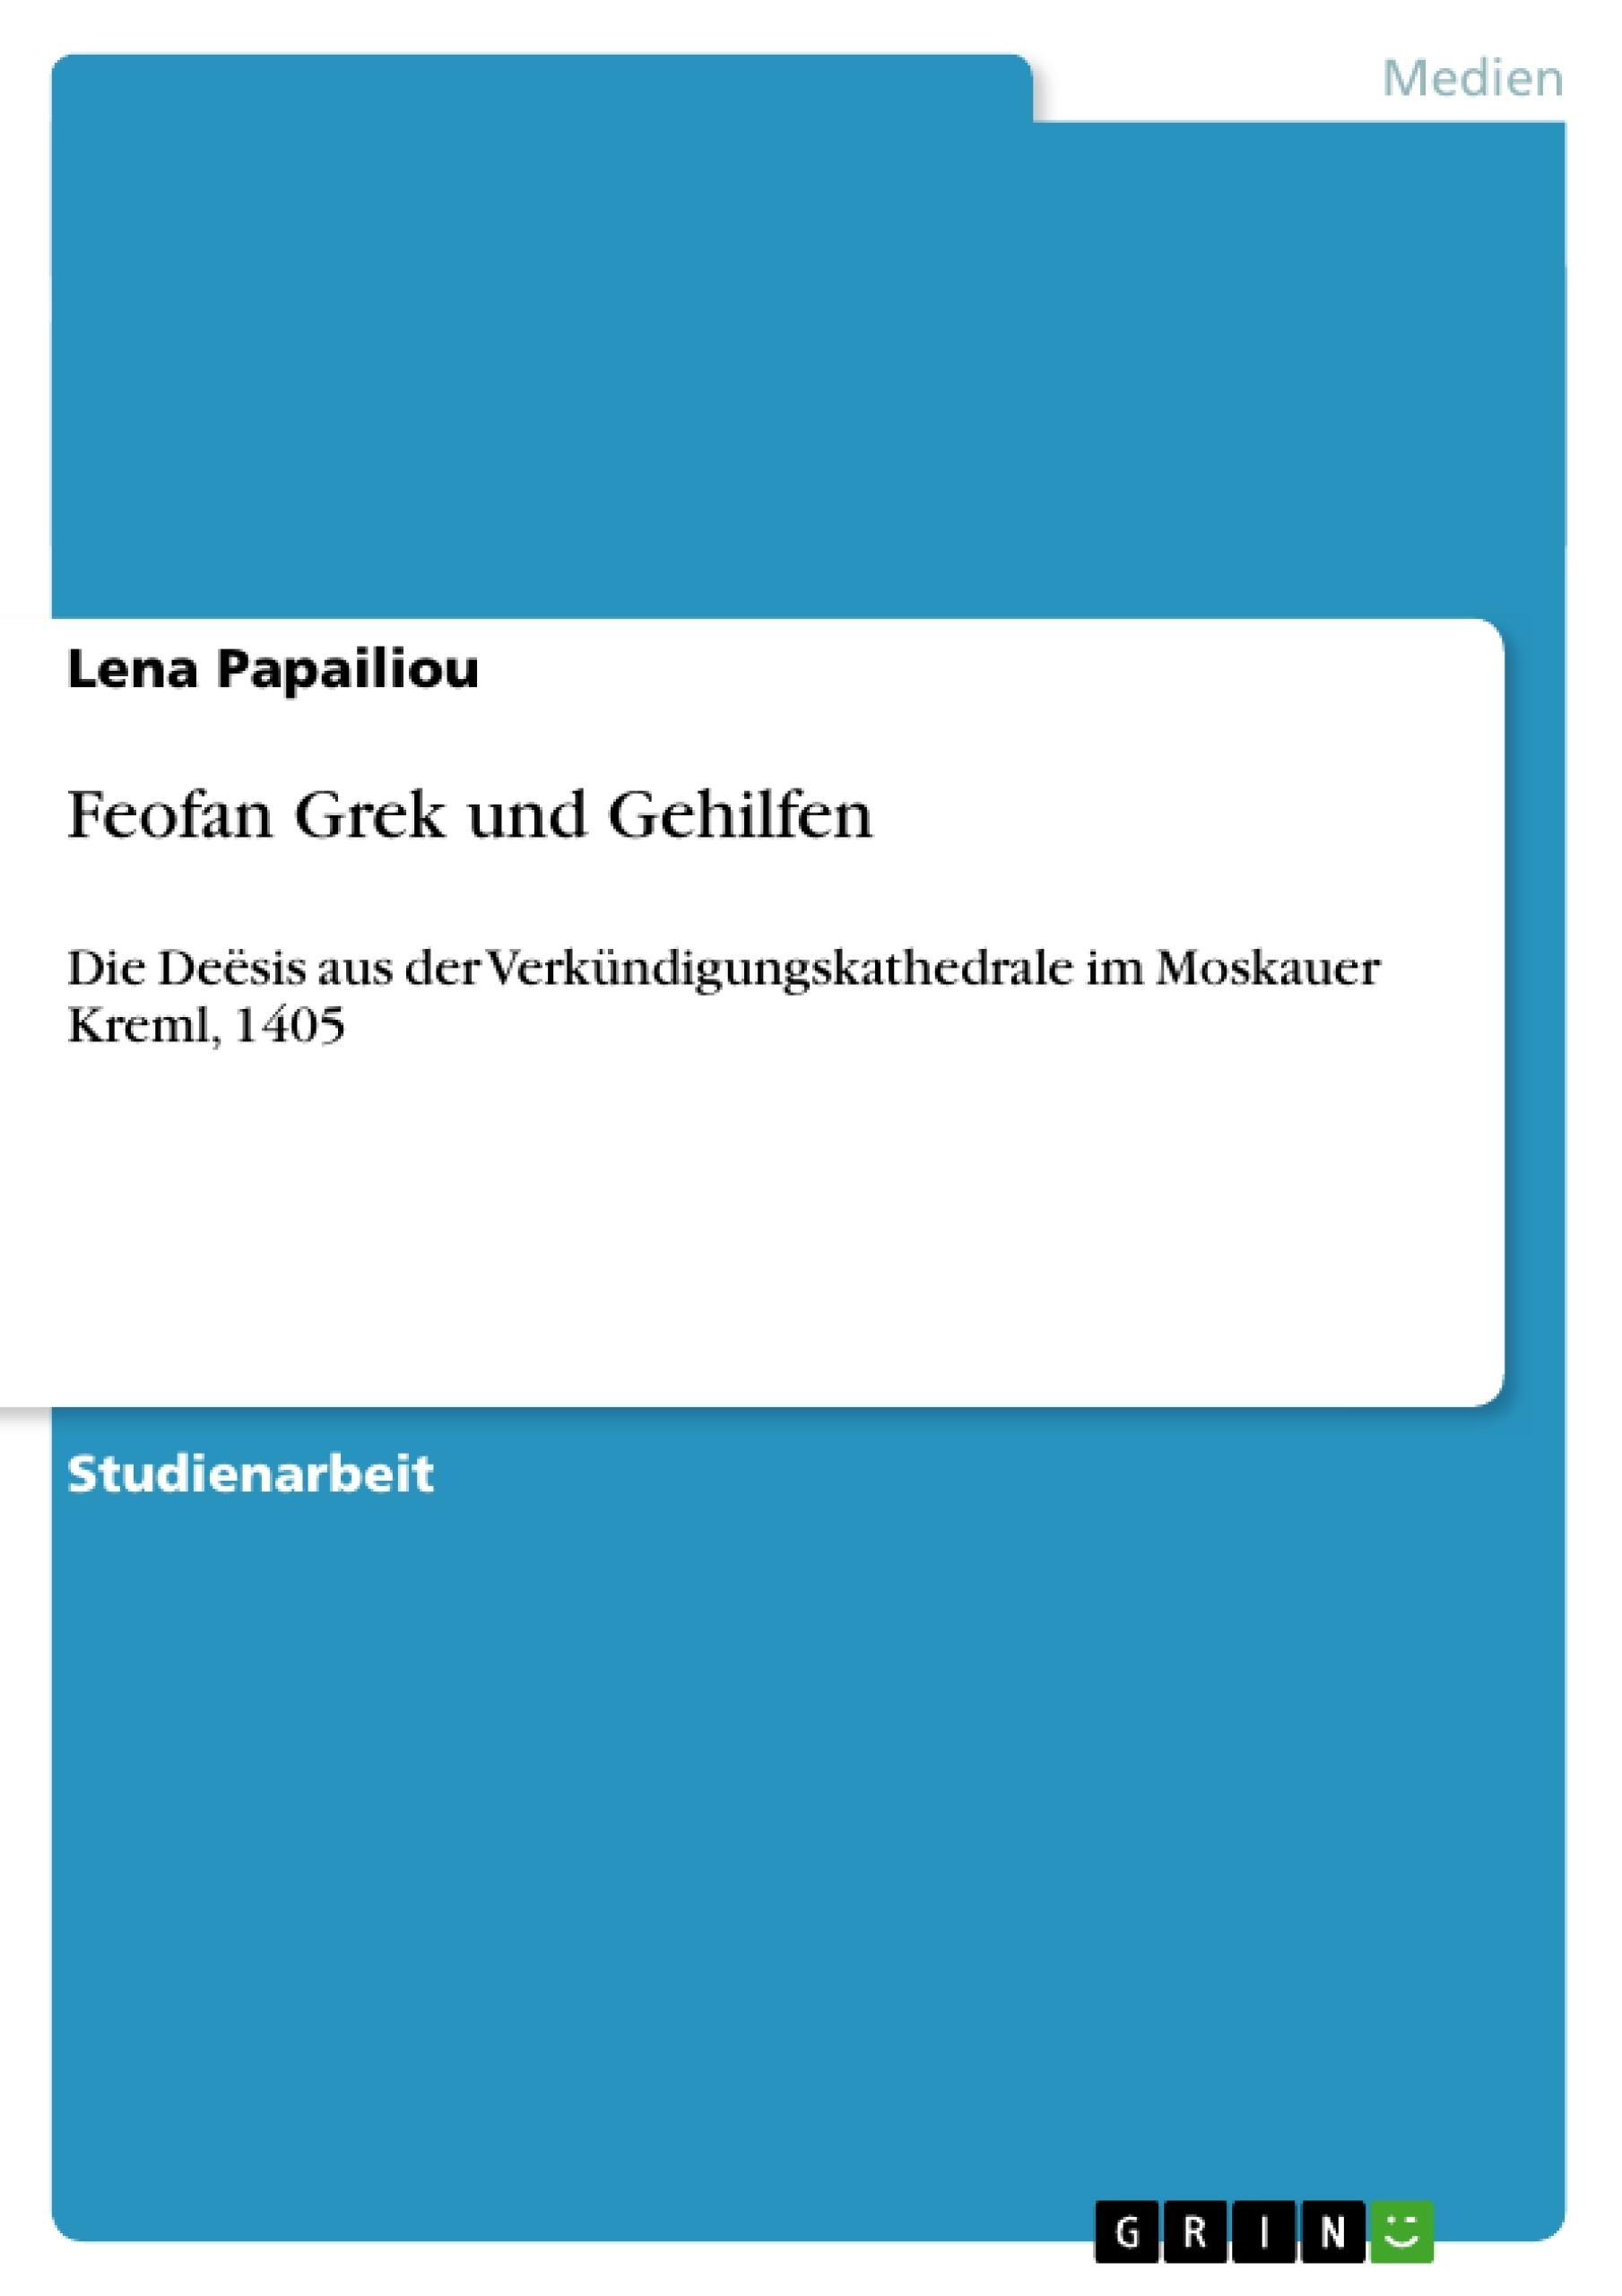 Titel: Feofan Grek und Gehilfen